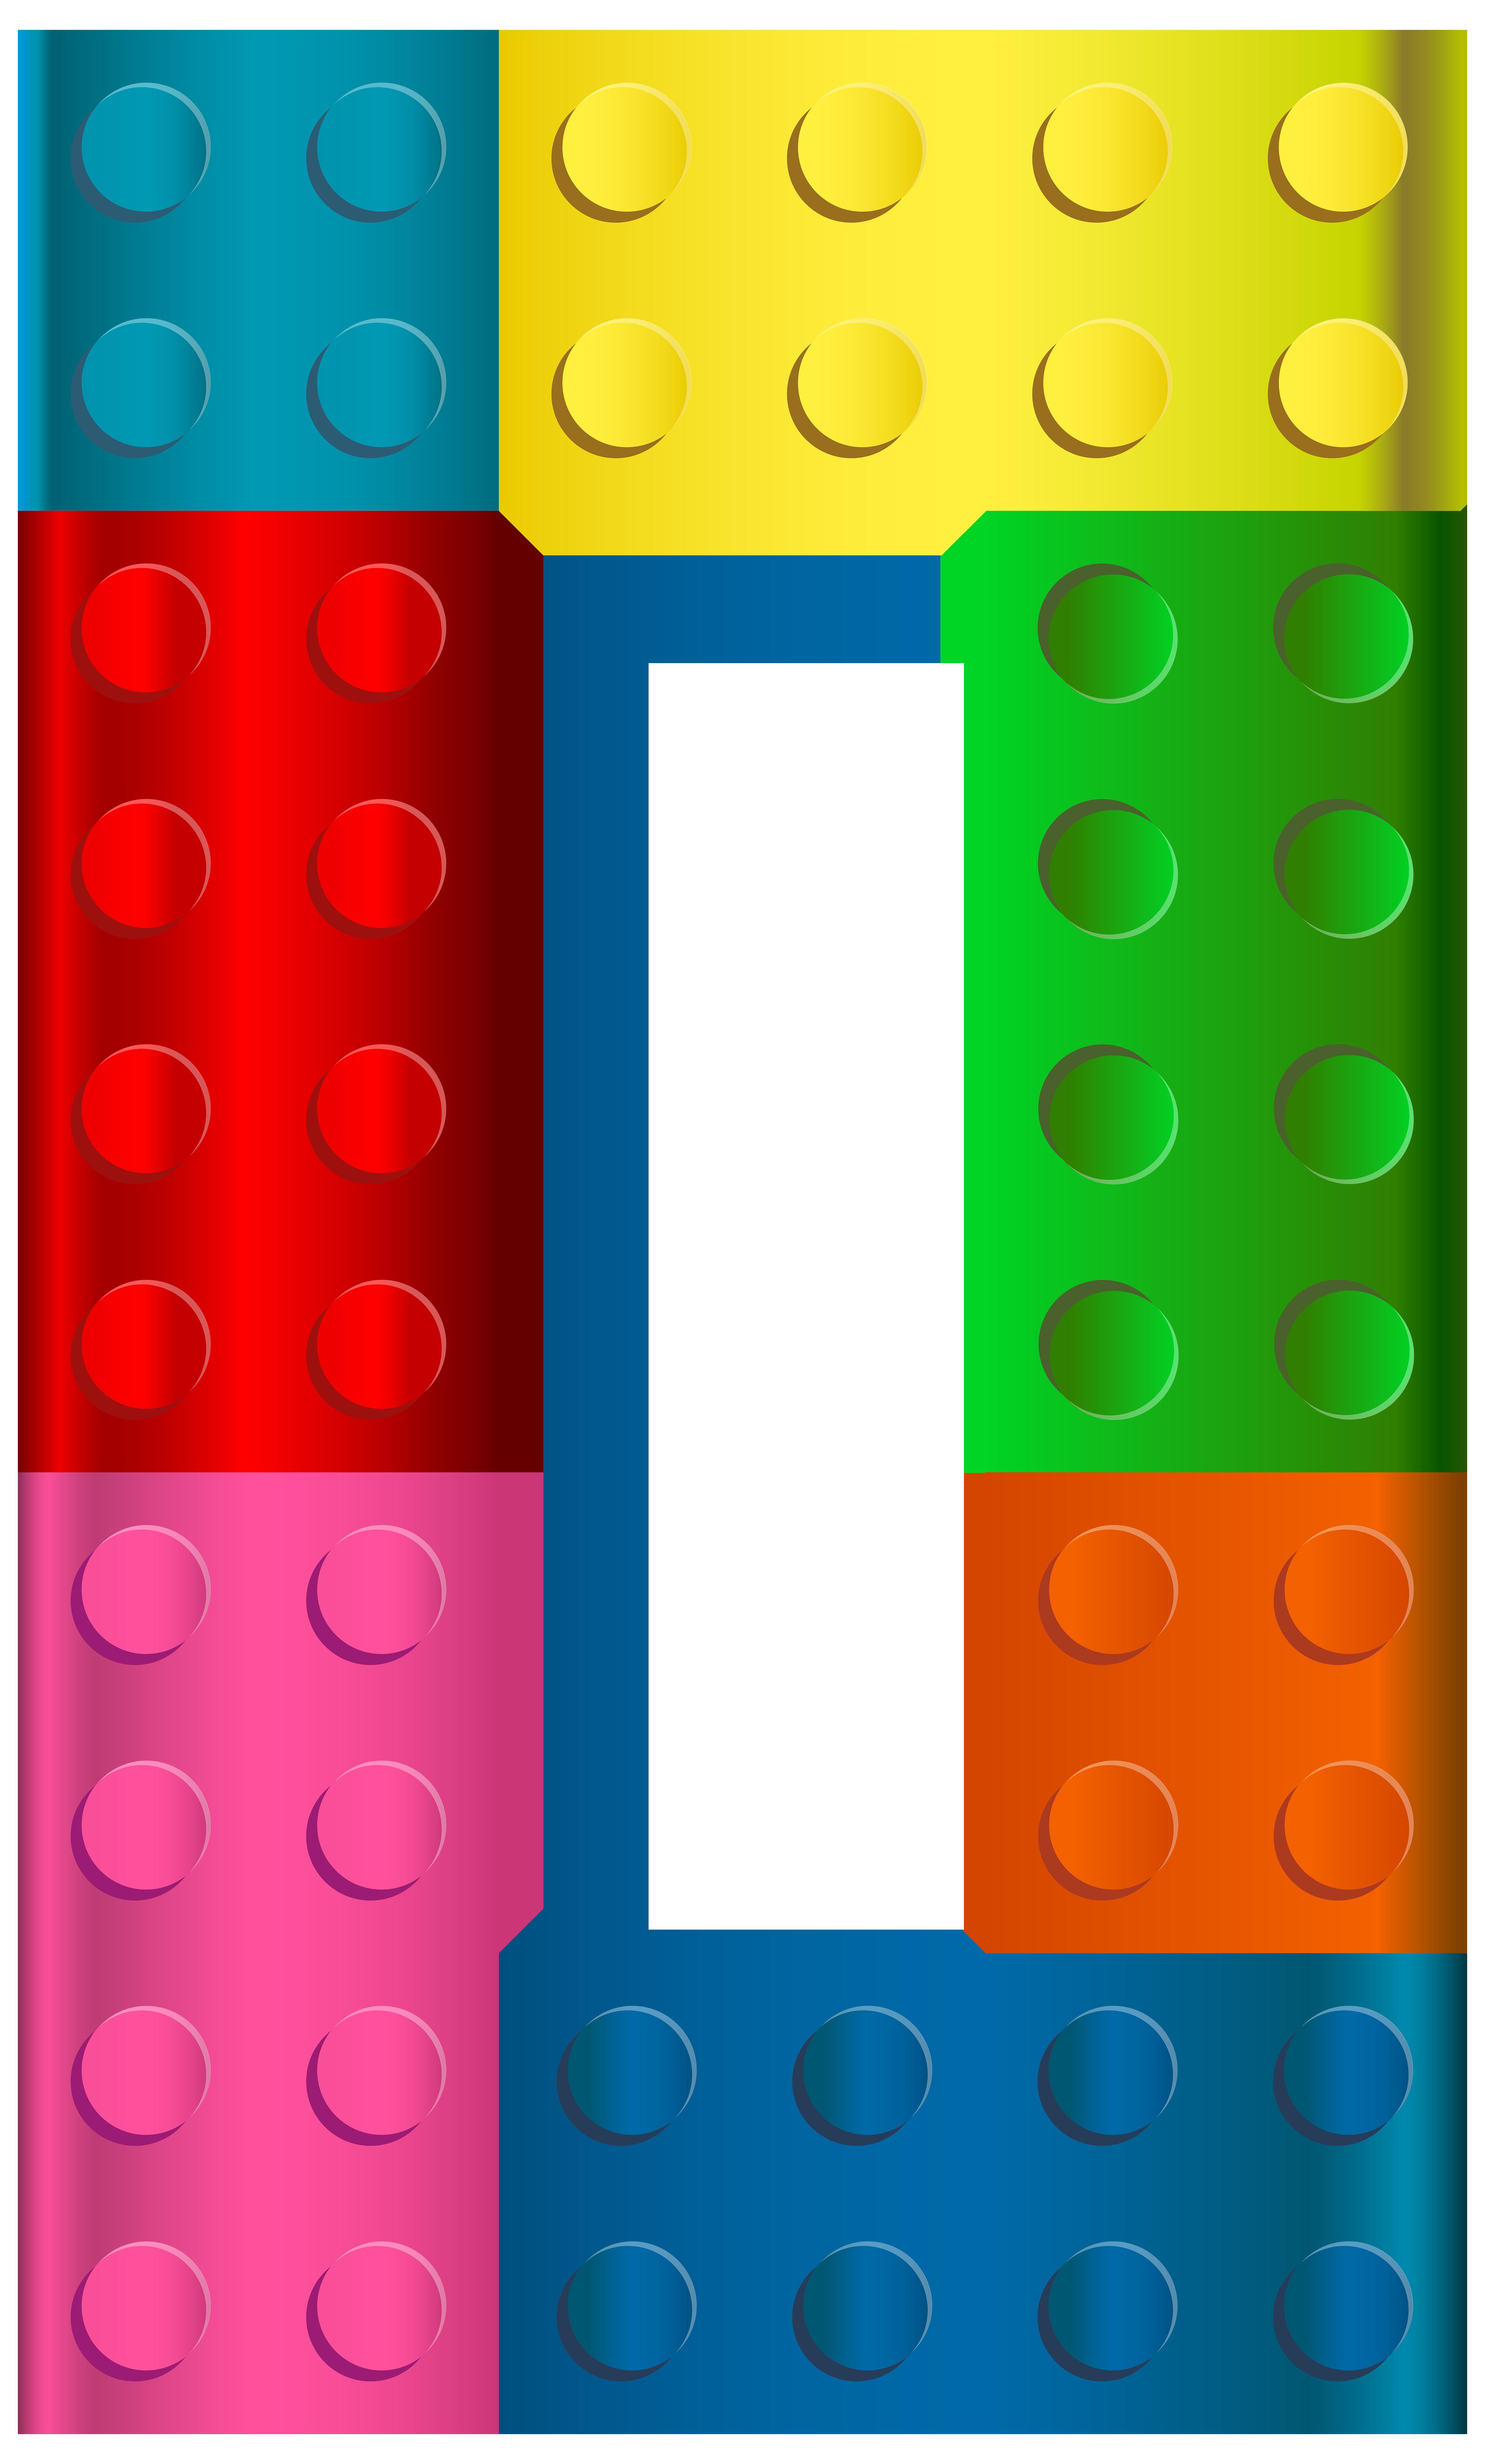 4822x8000 Lego Number Zero Transparent Clip Art Image